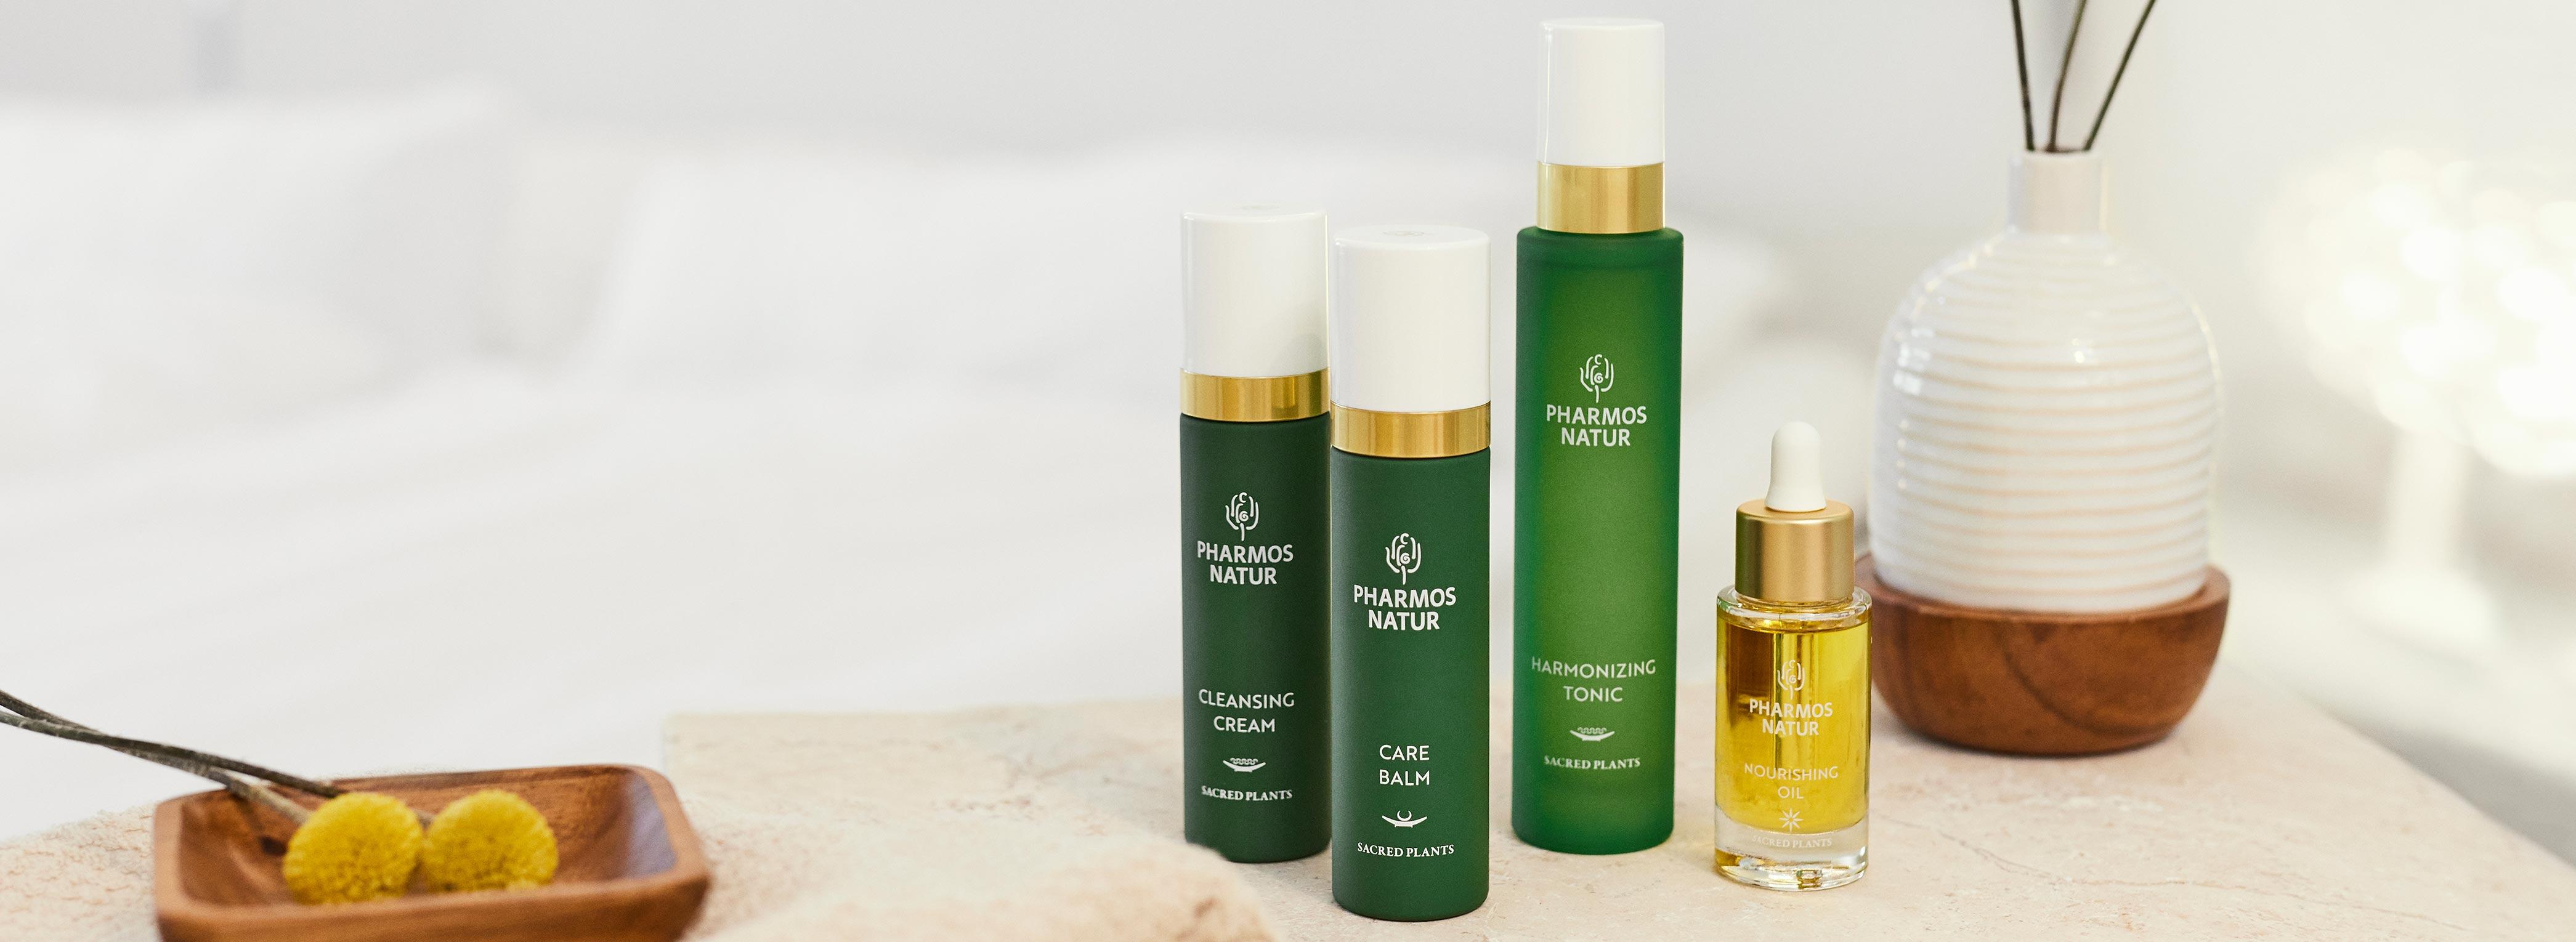 Pharmos Natur Produkte für den Hauttyp trockene Haut mit weißem Hintergrund